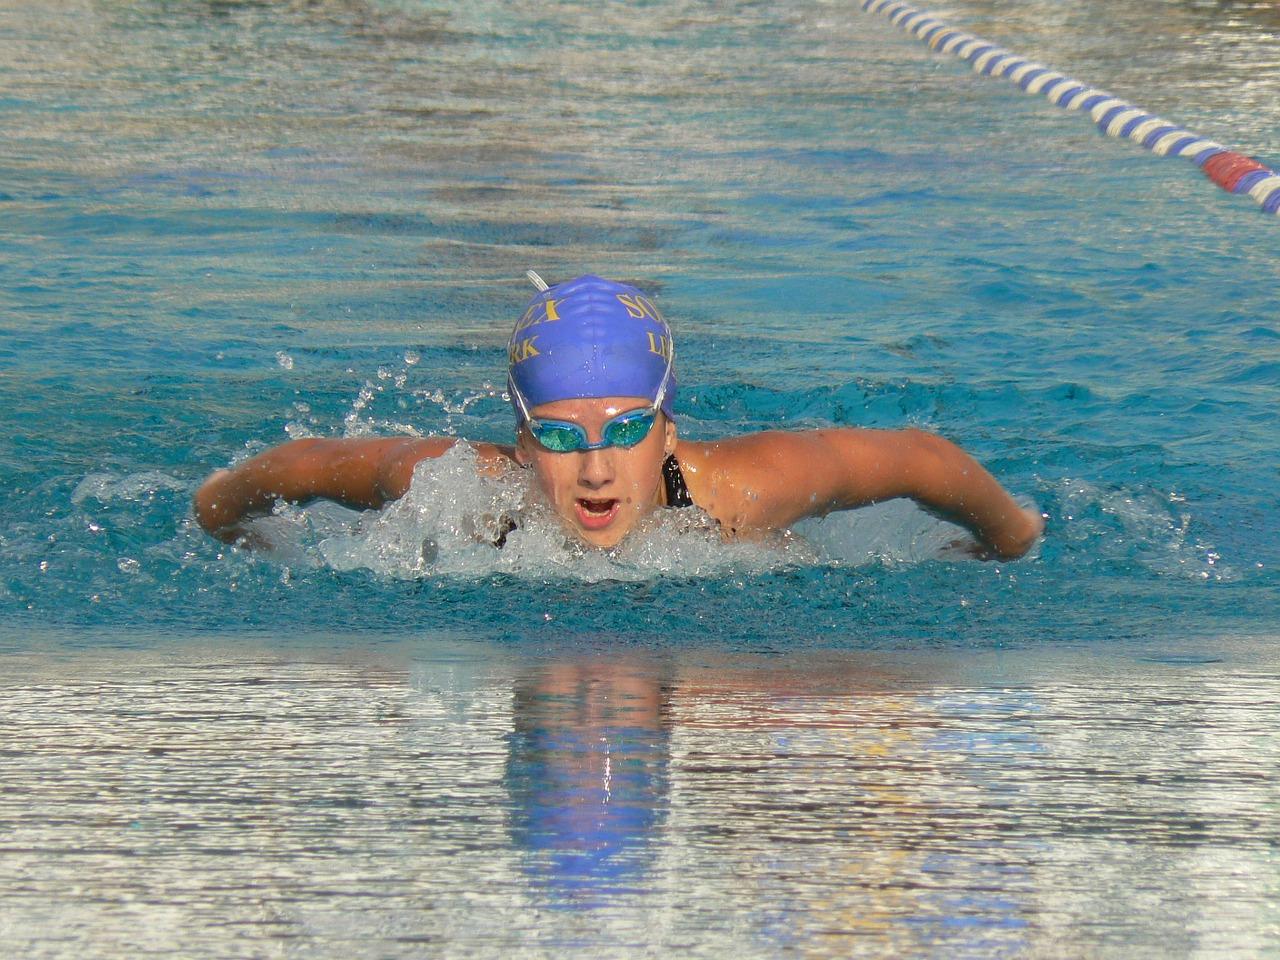 Kto zdobędzie Mistrzostwo Szczecina w pływaniu?